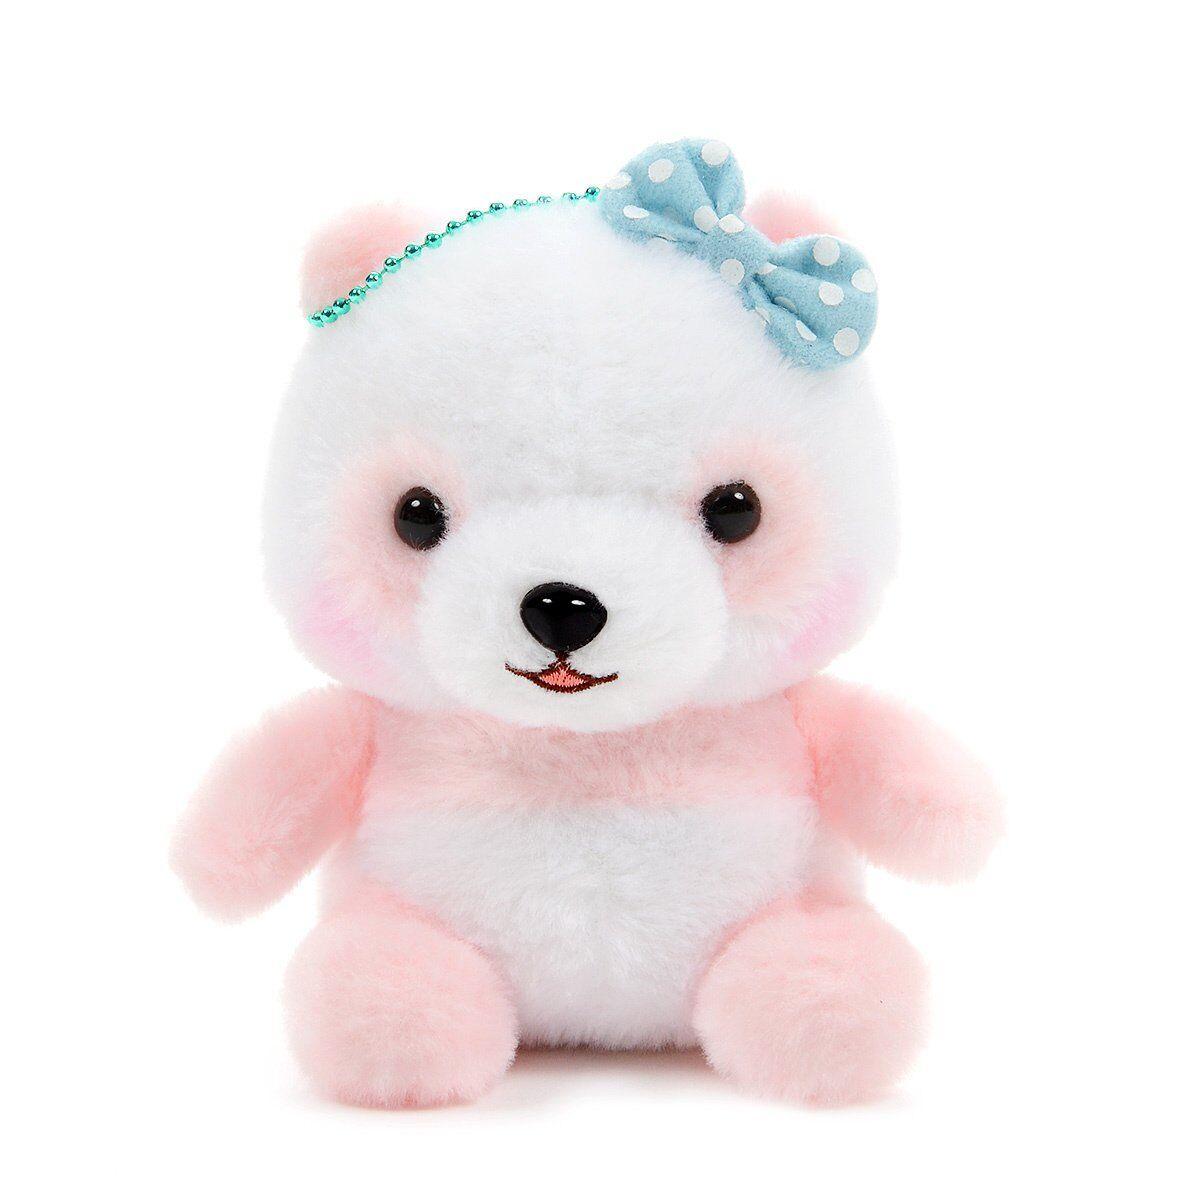 Panda Plush Toy Cute Stuffed Animal Plushie Ball Chain Size